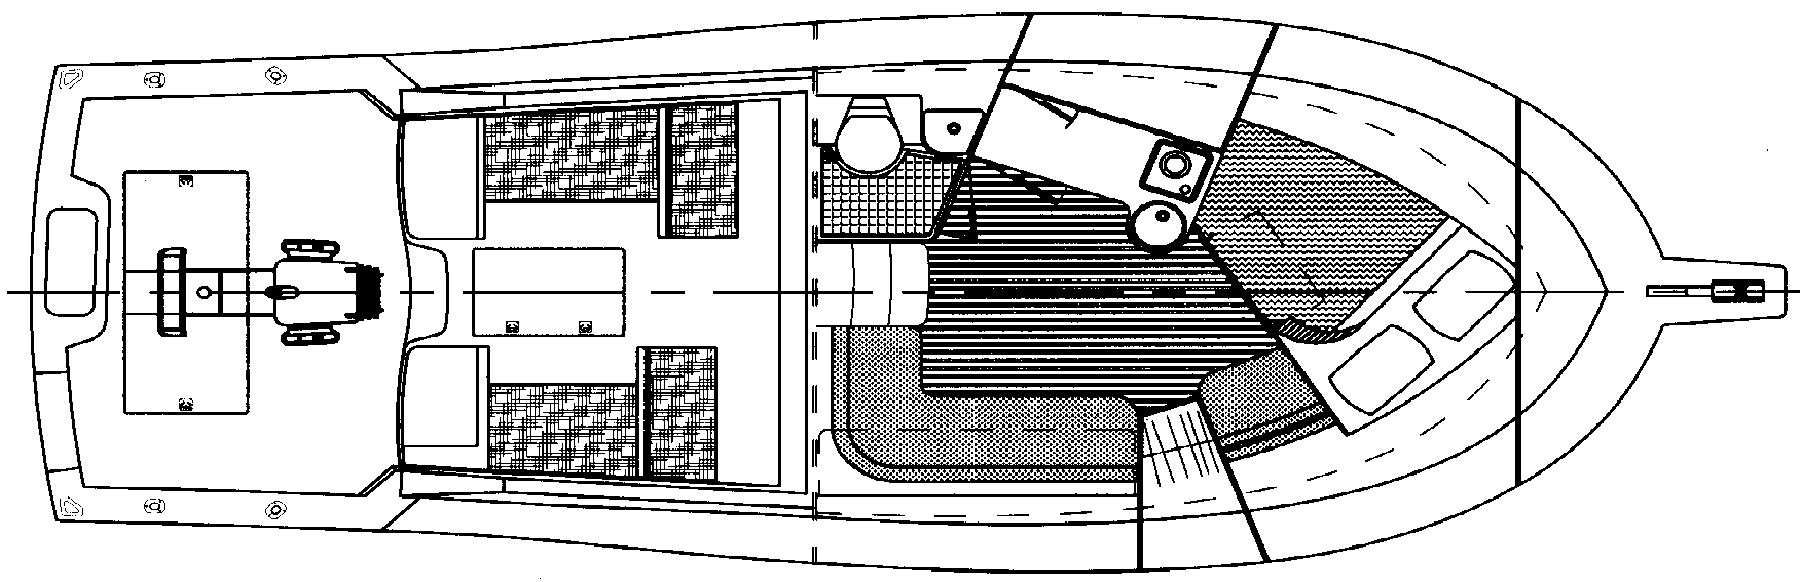 32 Express Floor Plan 1